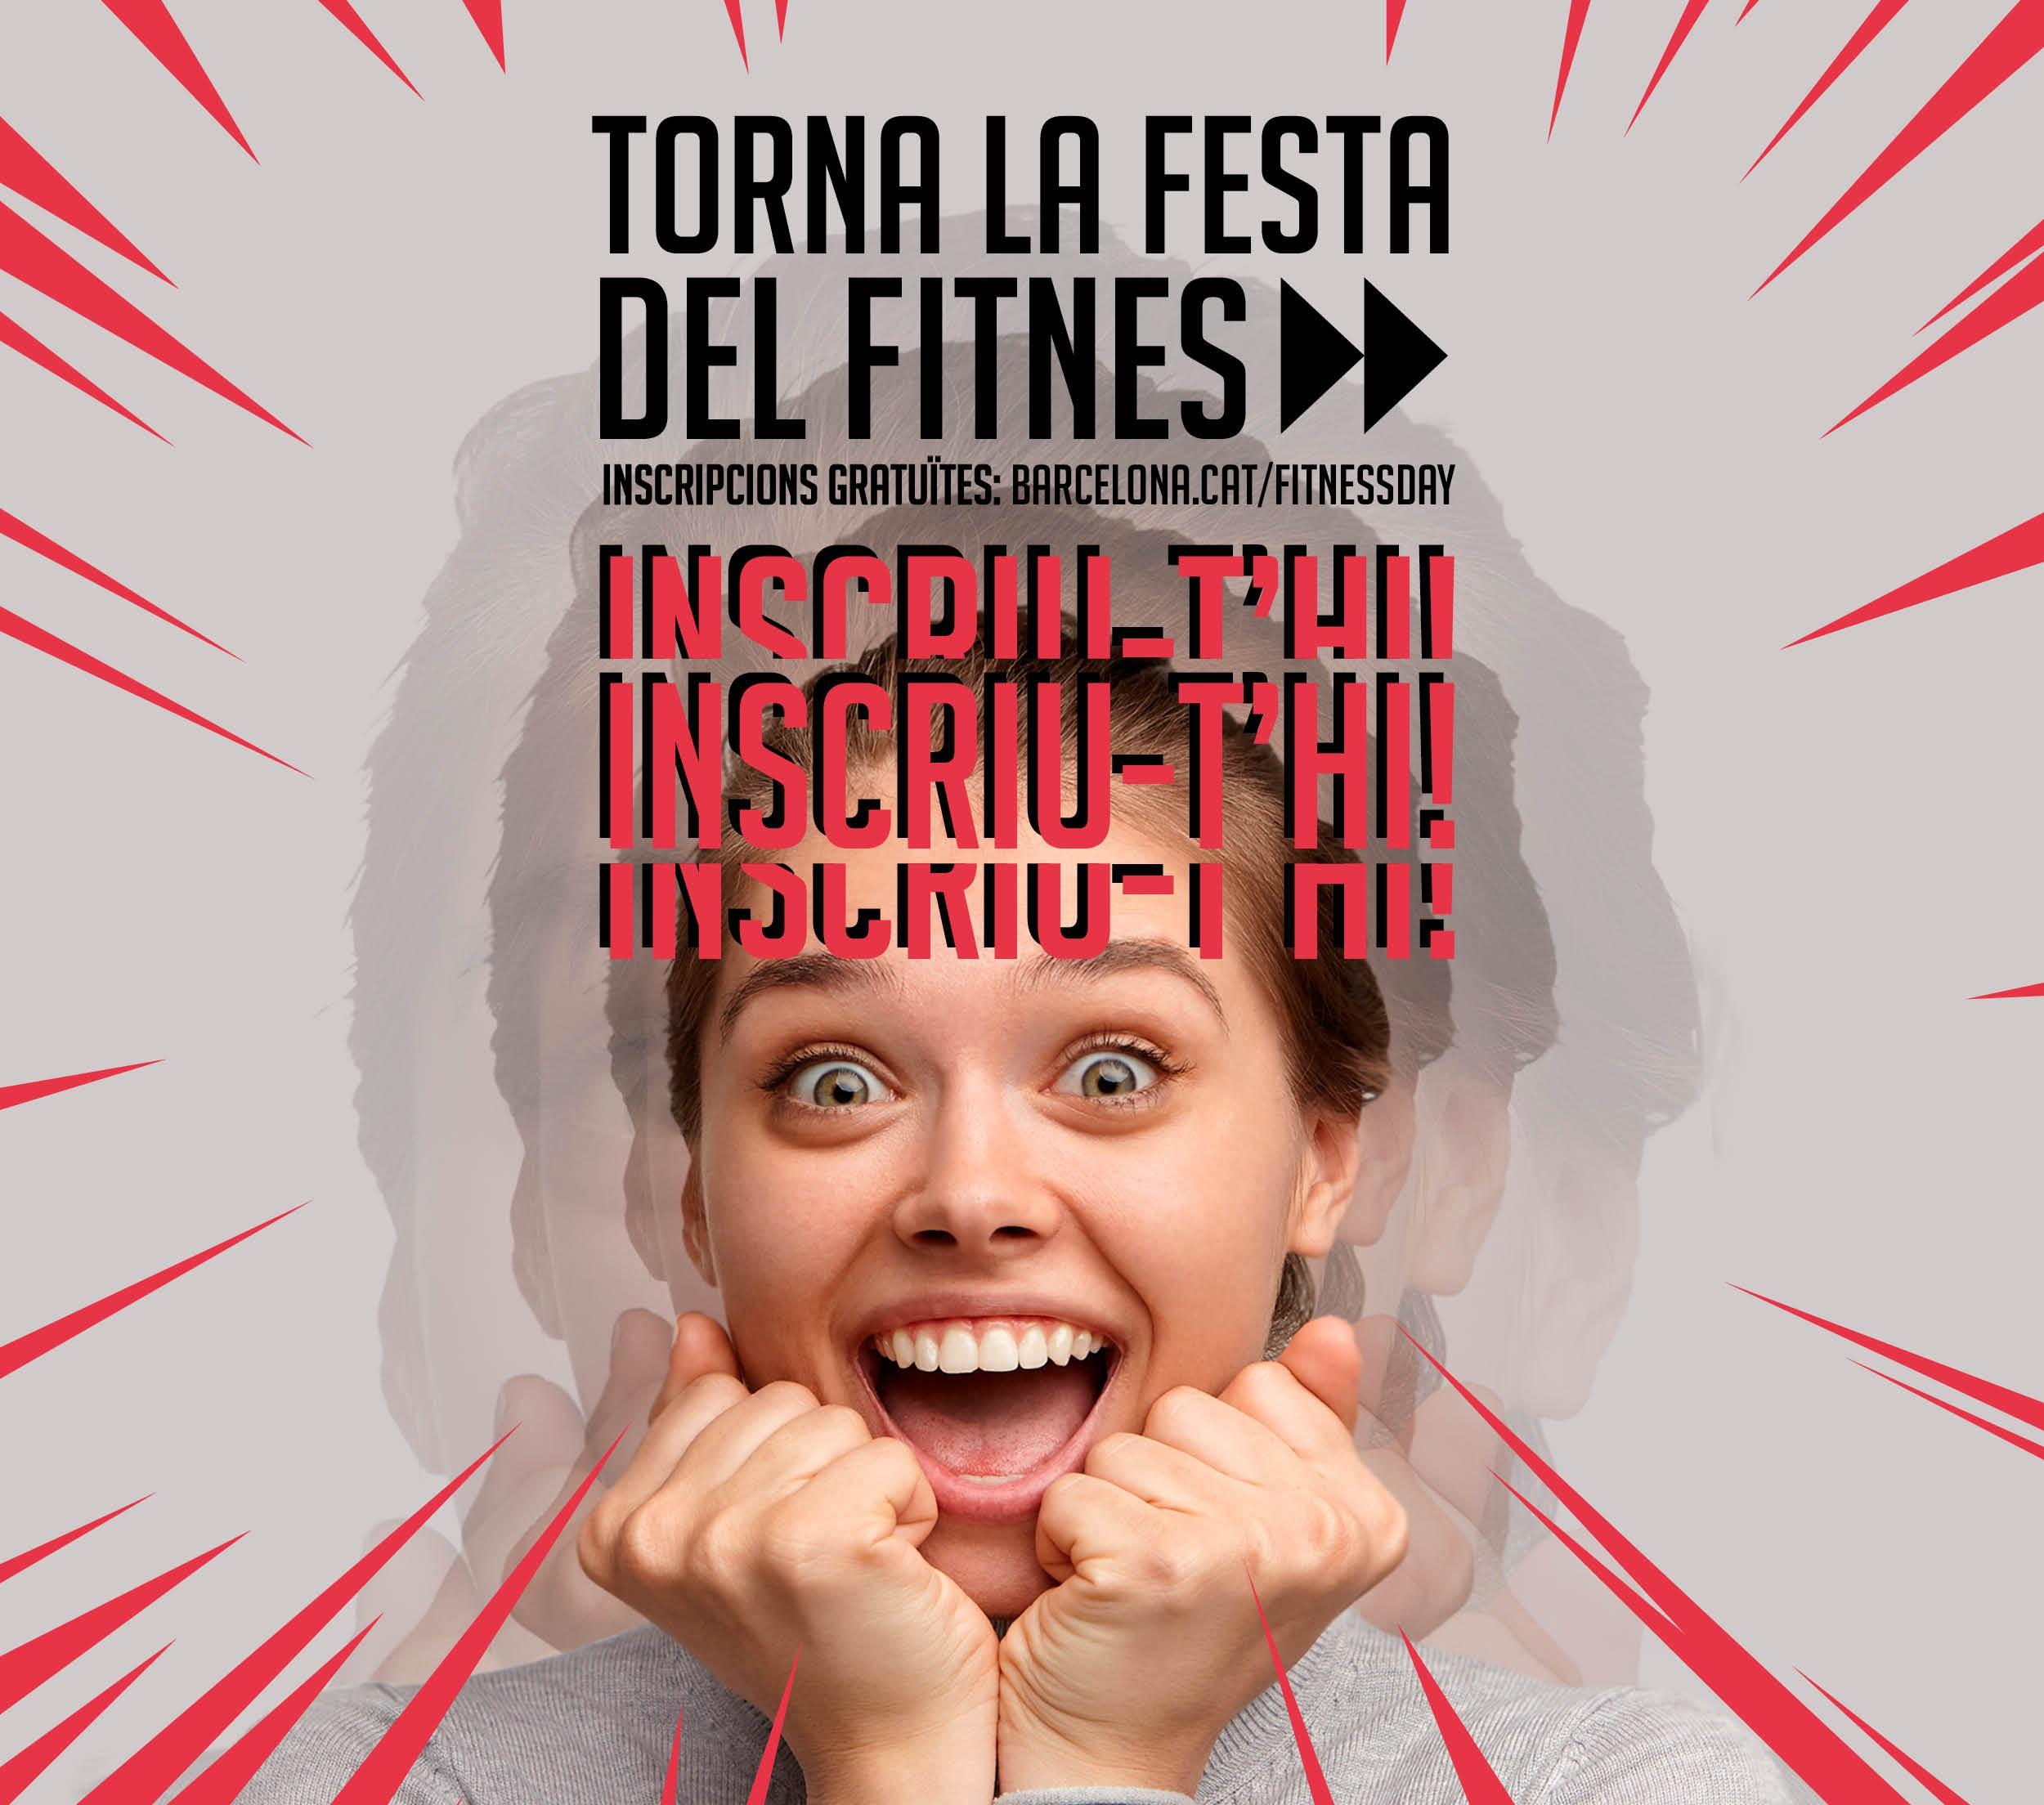 La Festa del Fitness 2021 abre inscripciones gratuitas